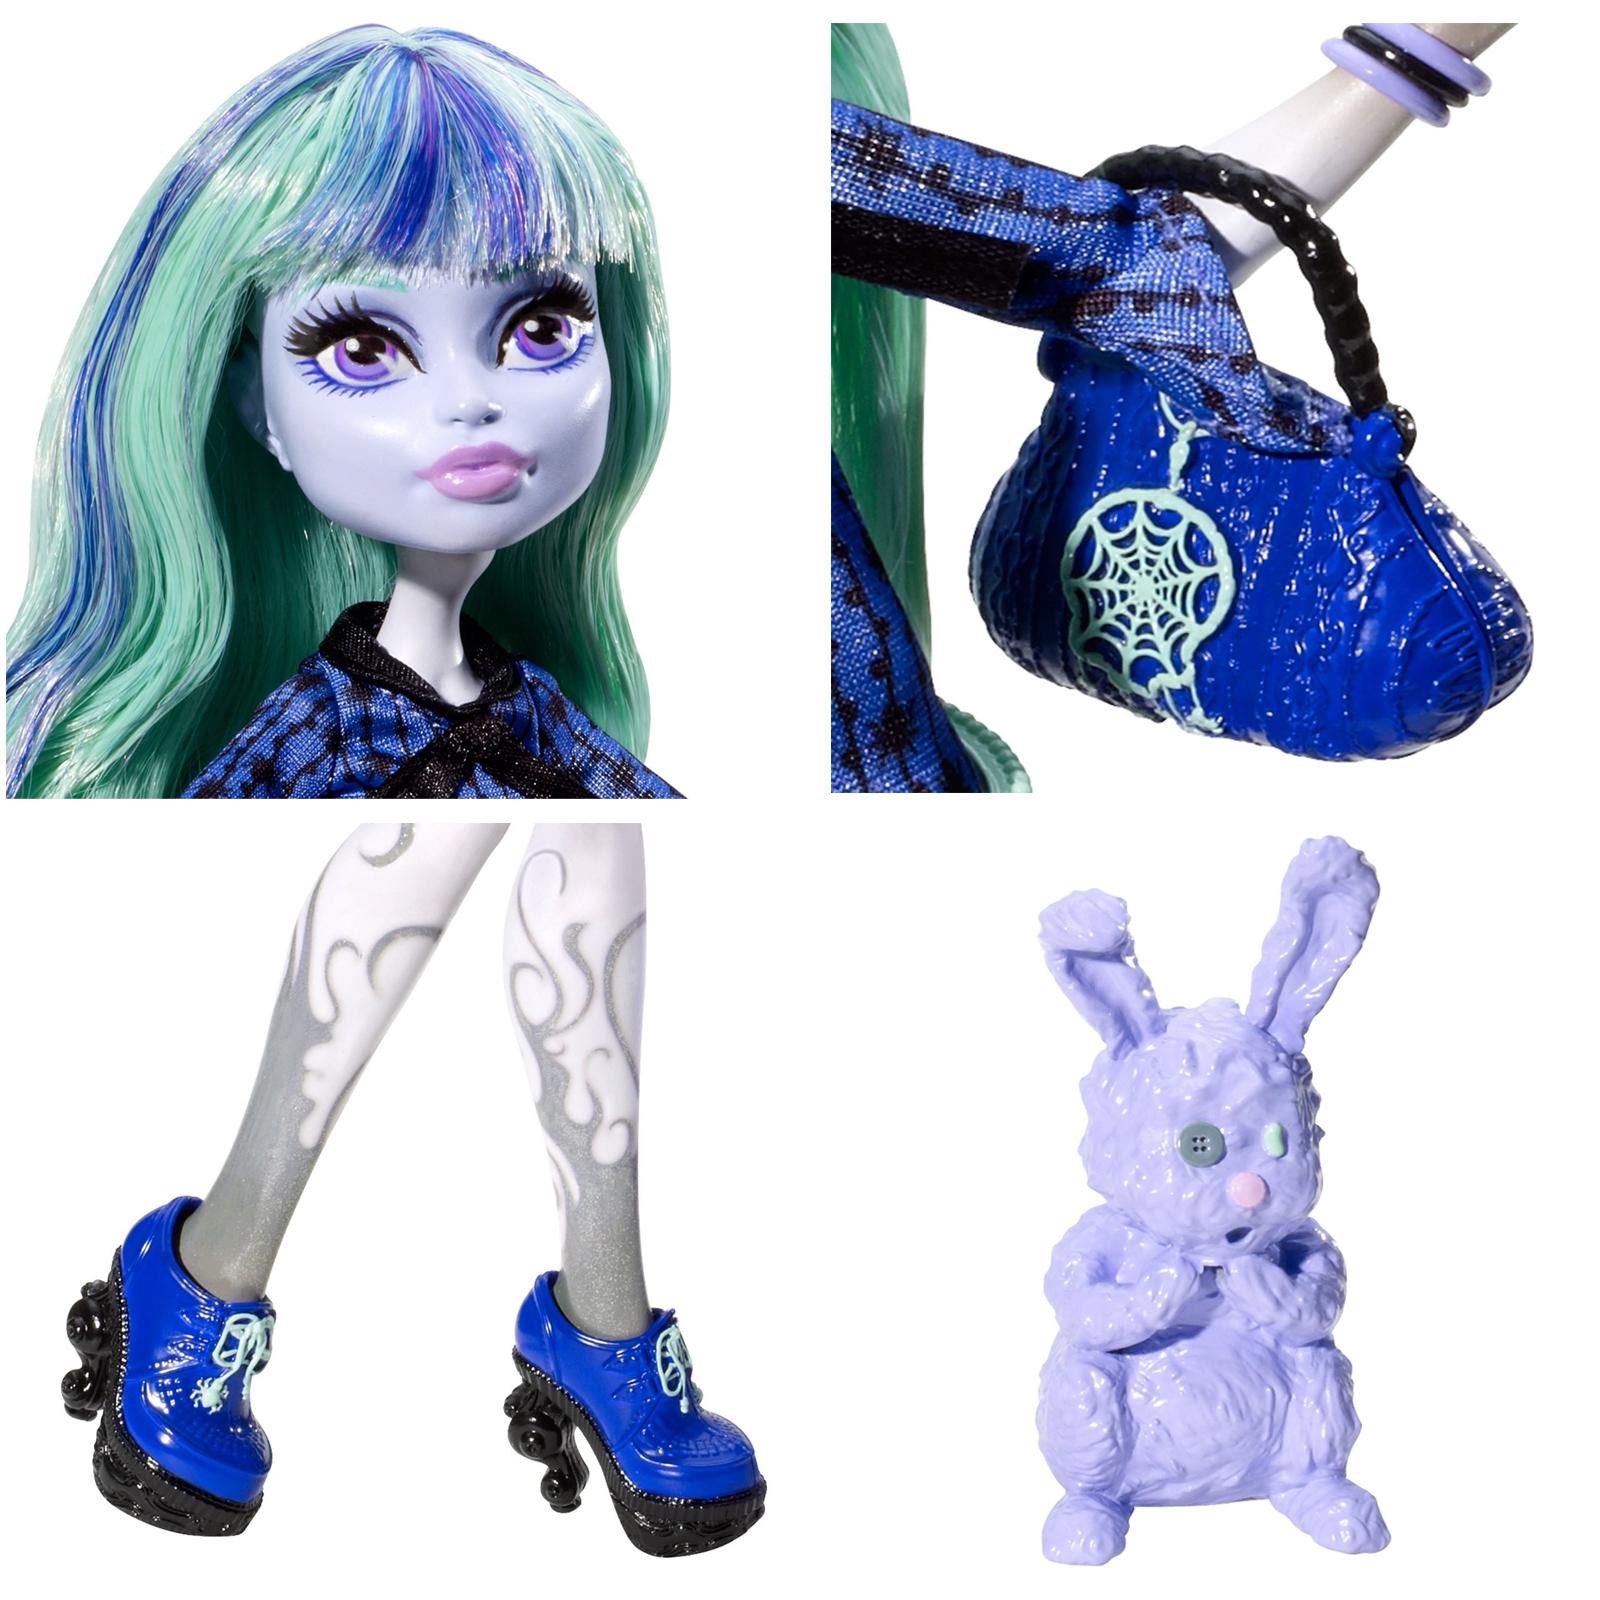 ����� Monster High ����� 13 ������� Twyla